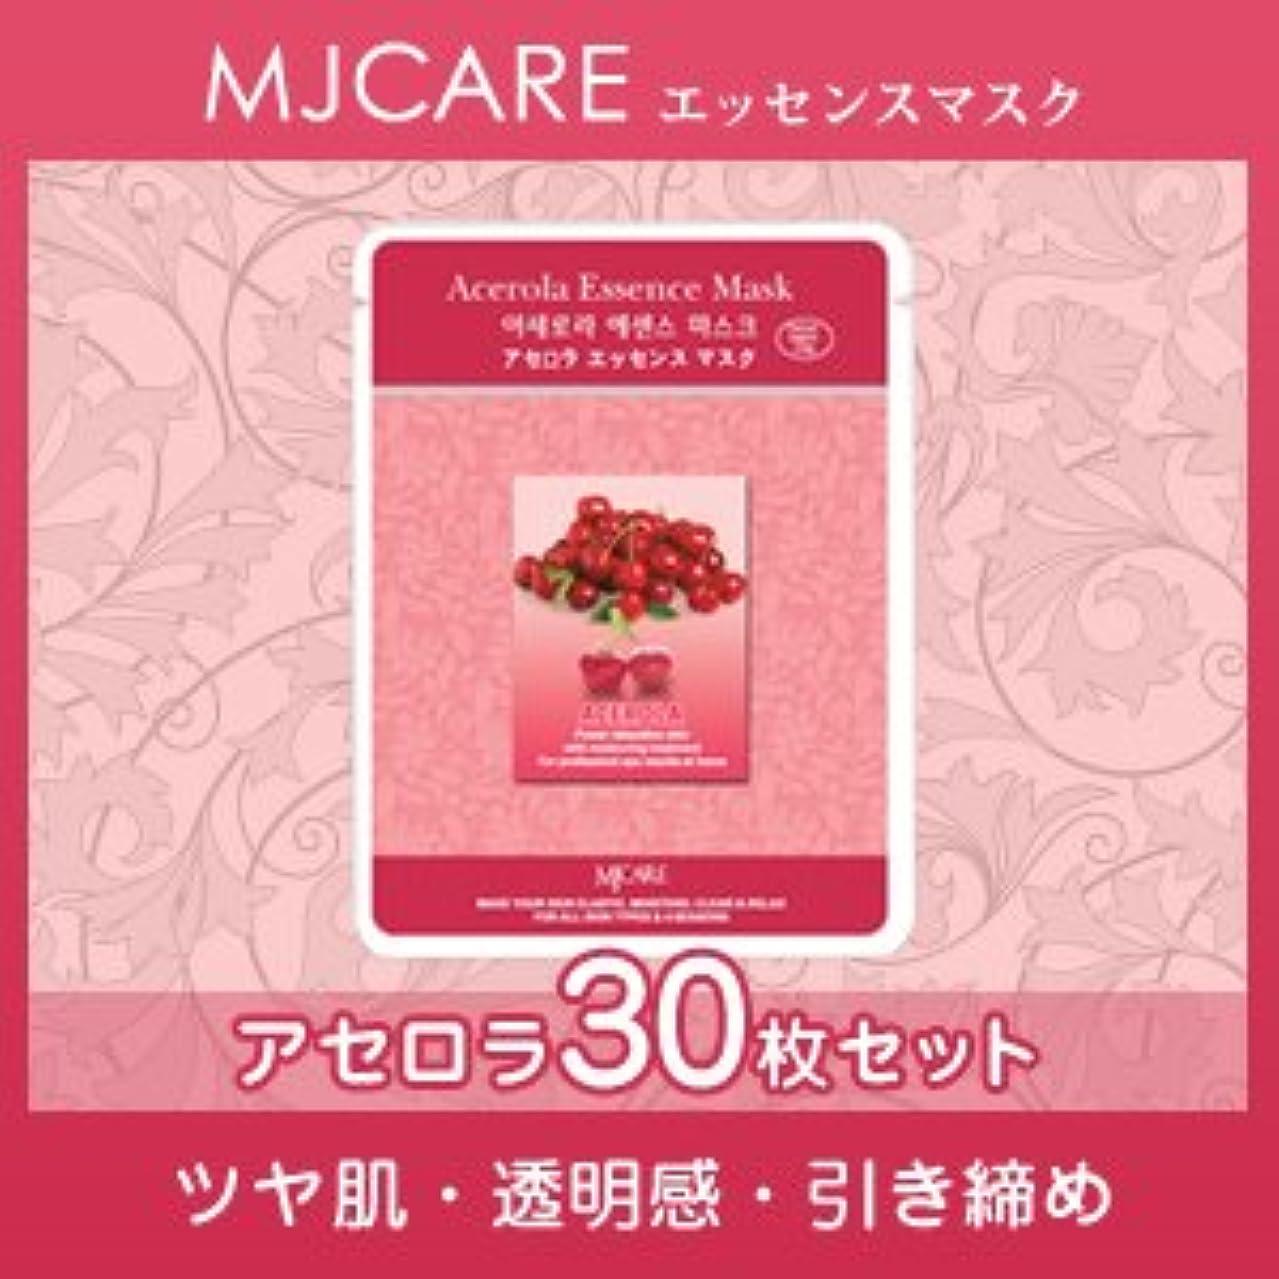 トランジスタ珍しい習字MJCARE (エムジェイケア) アセロラ エッセンスマスク 30セット